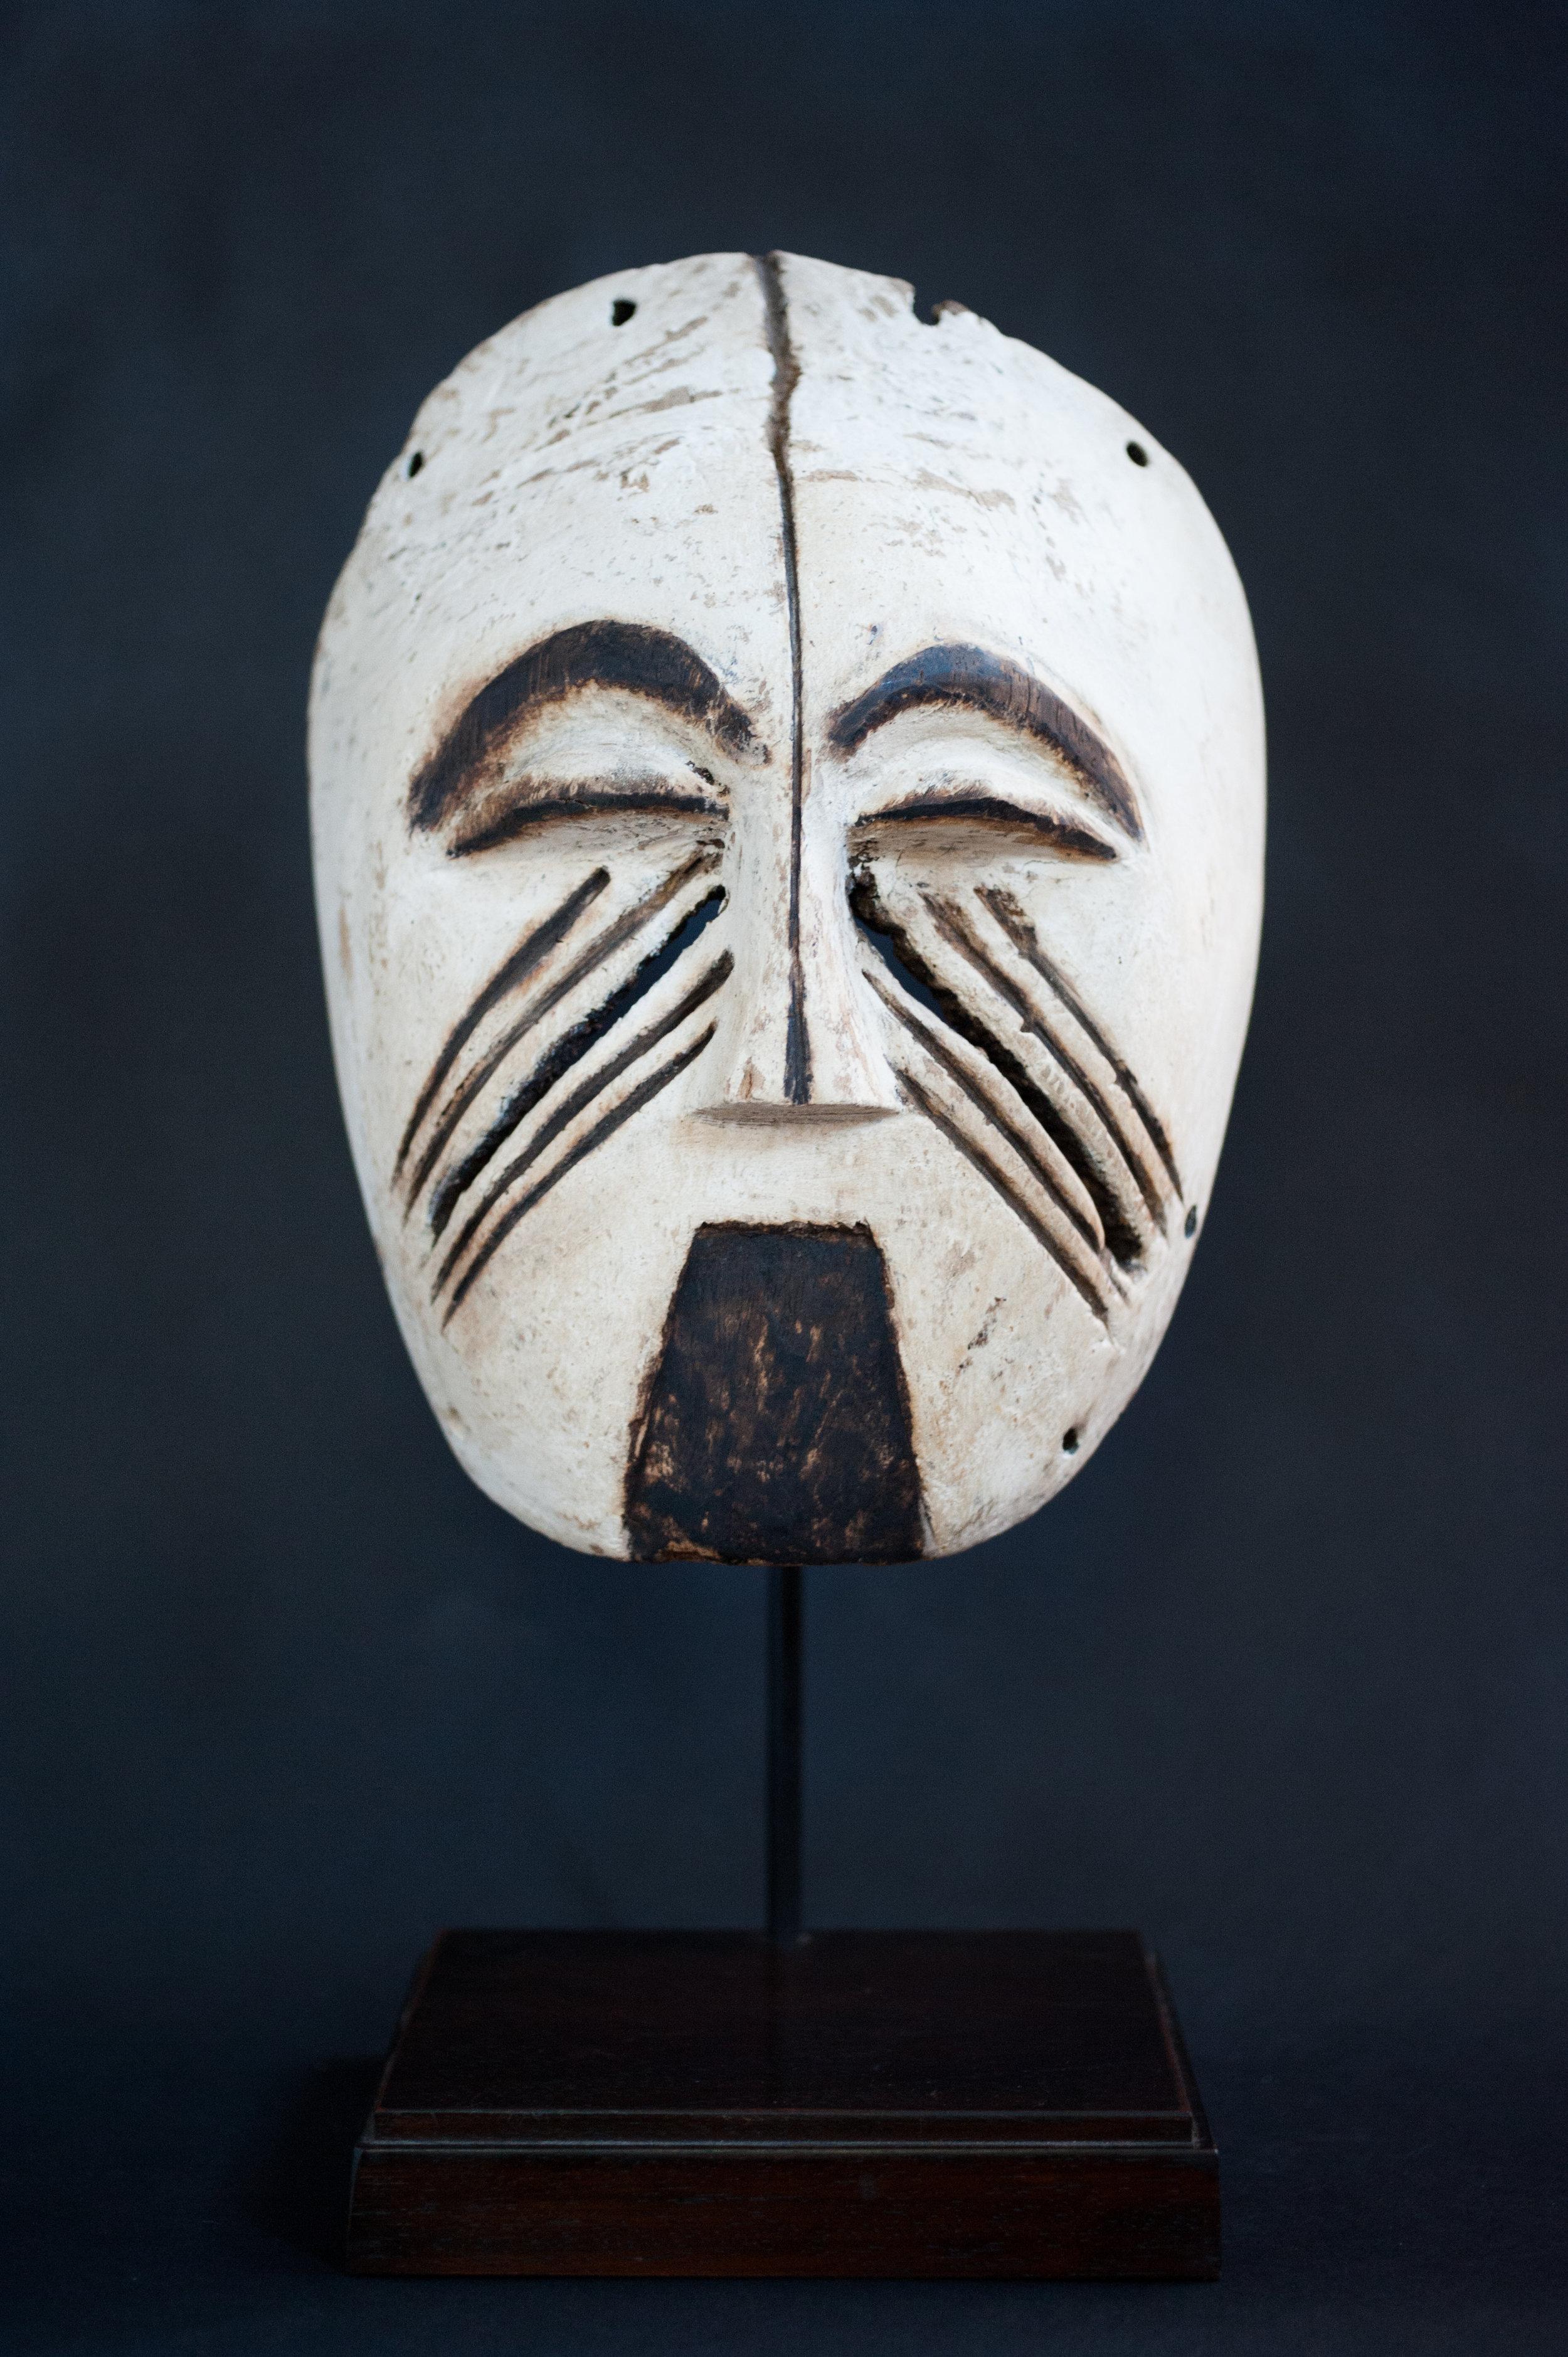 Anon. Yela, Mask.